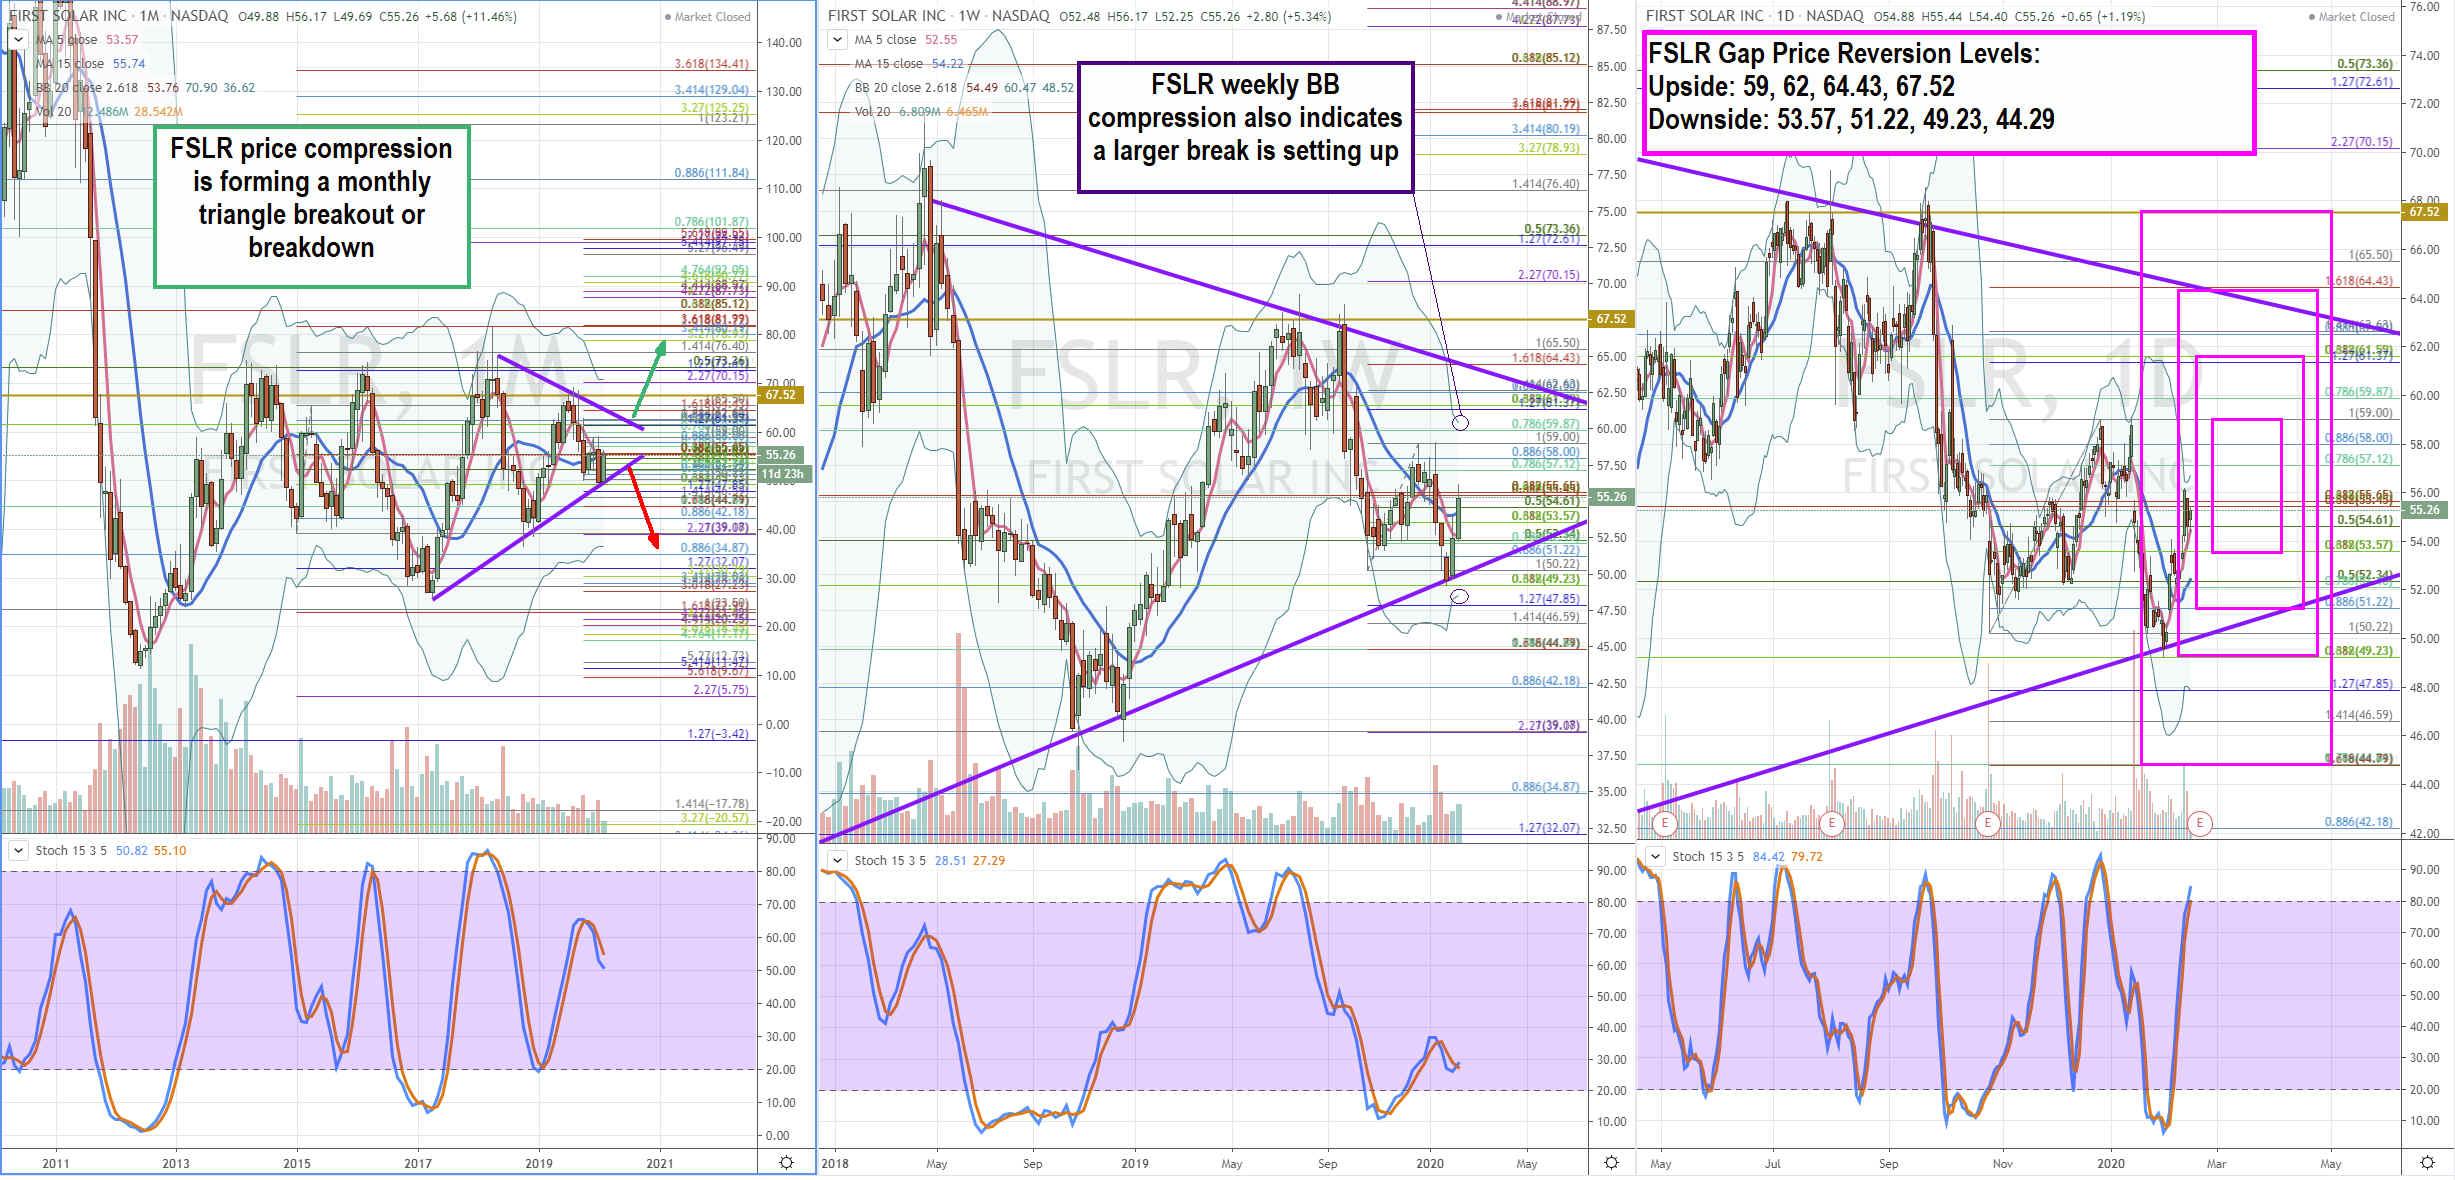 Trading Blueprint for First Solar (FSLR) Stock